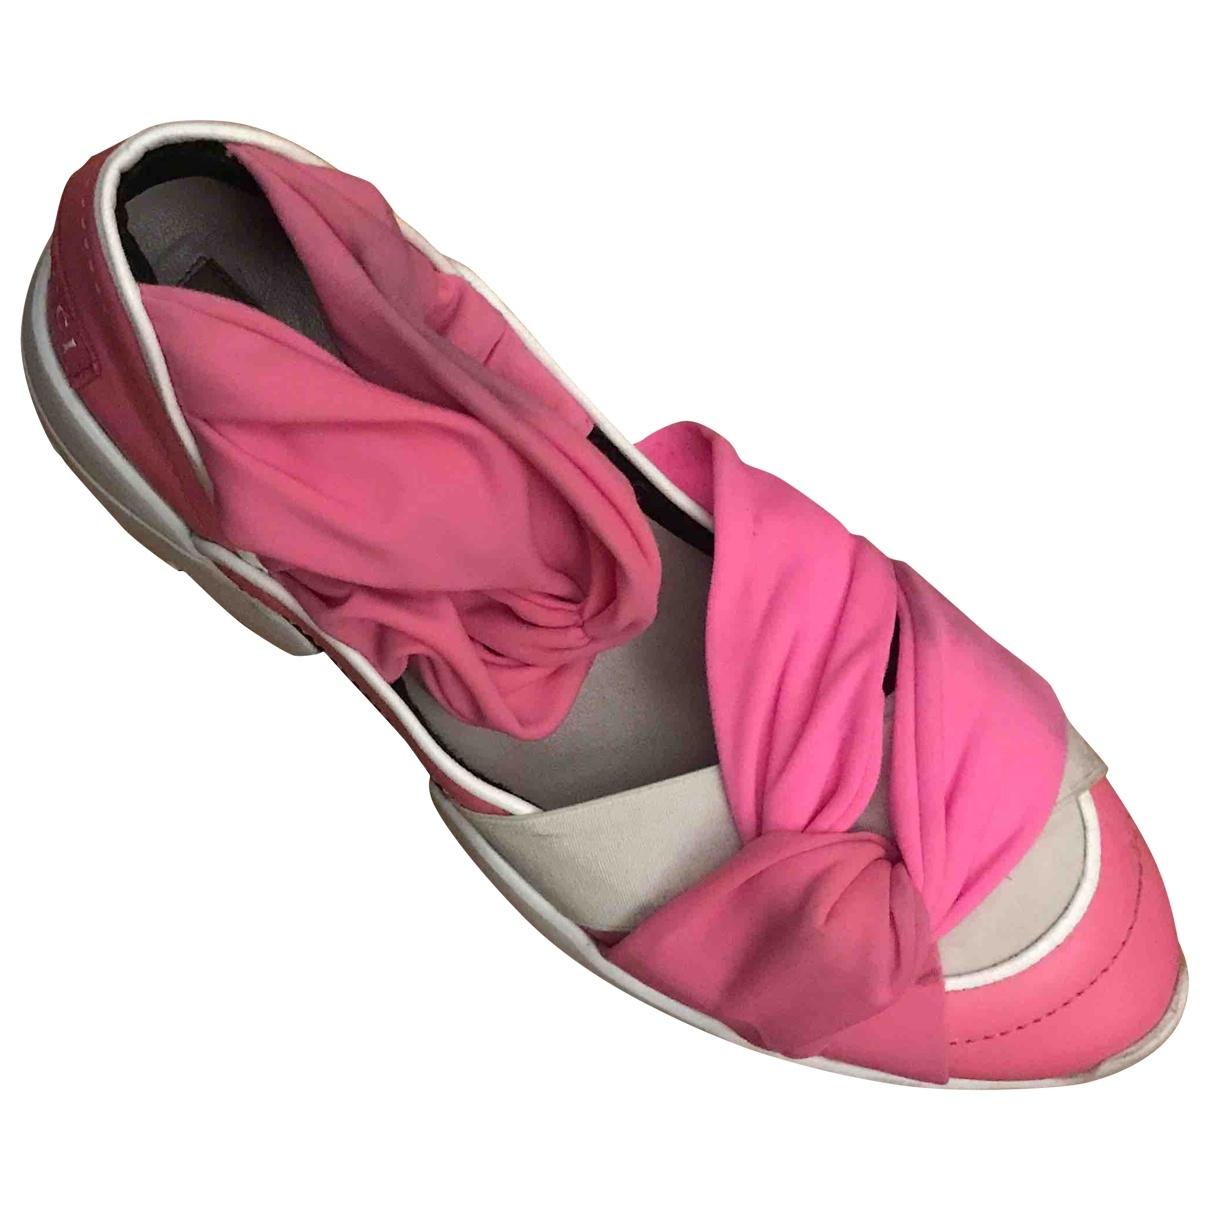 Emilio Pucci - Baskets   pour femme en caoutchouc - rose